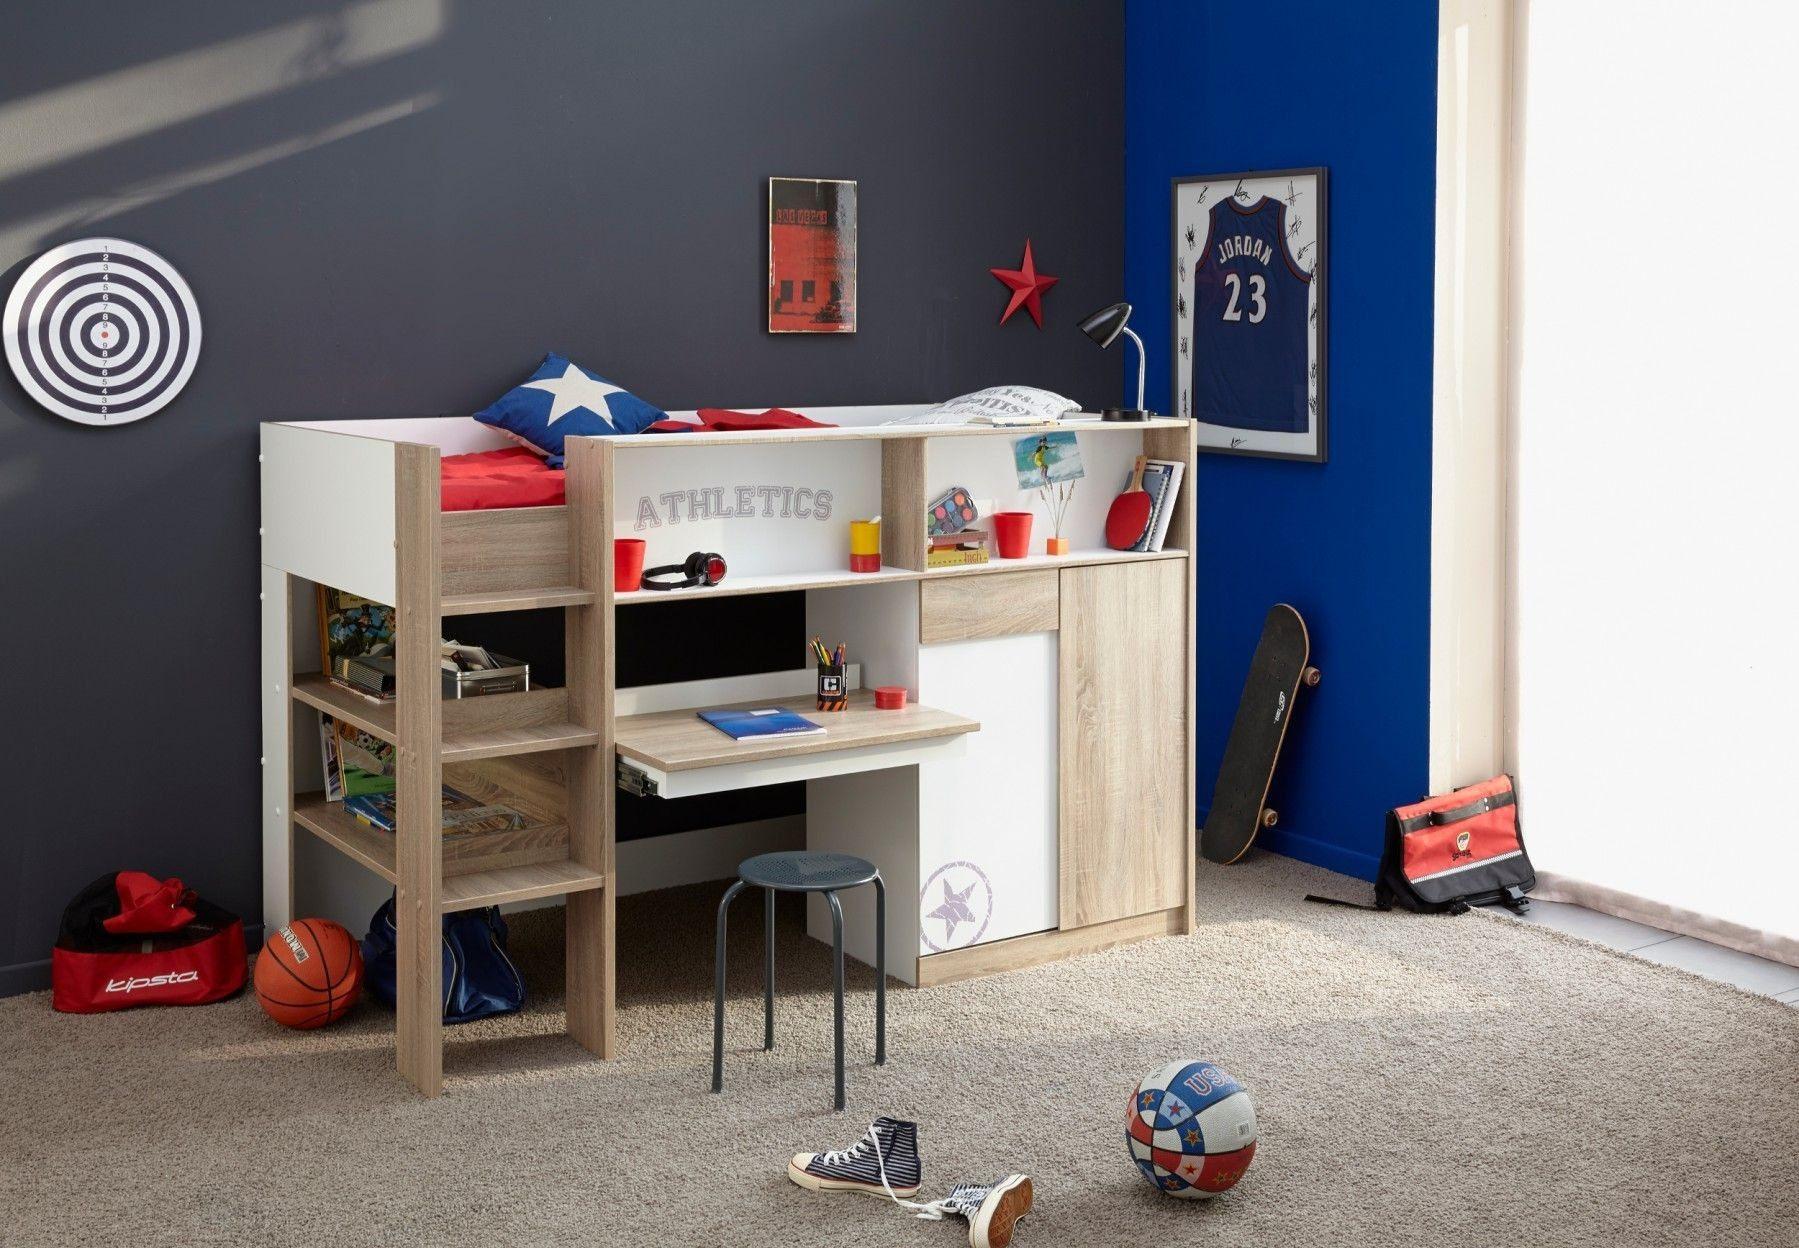 Lit Superposé Angle Unique Chambre Enfant Lit Superposé Kidsfurniturefarm